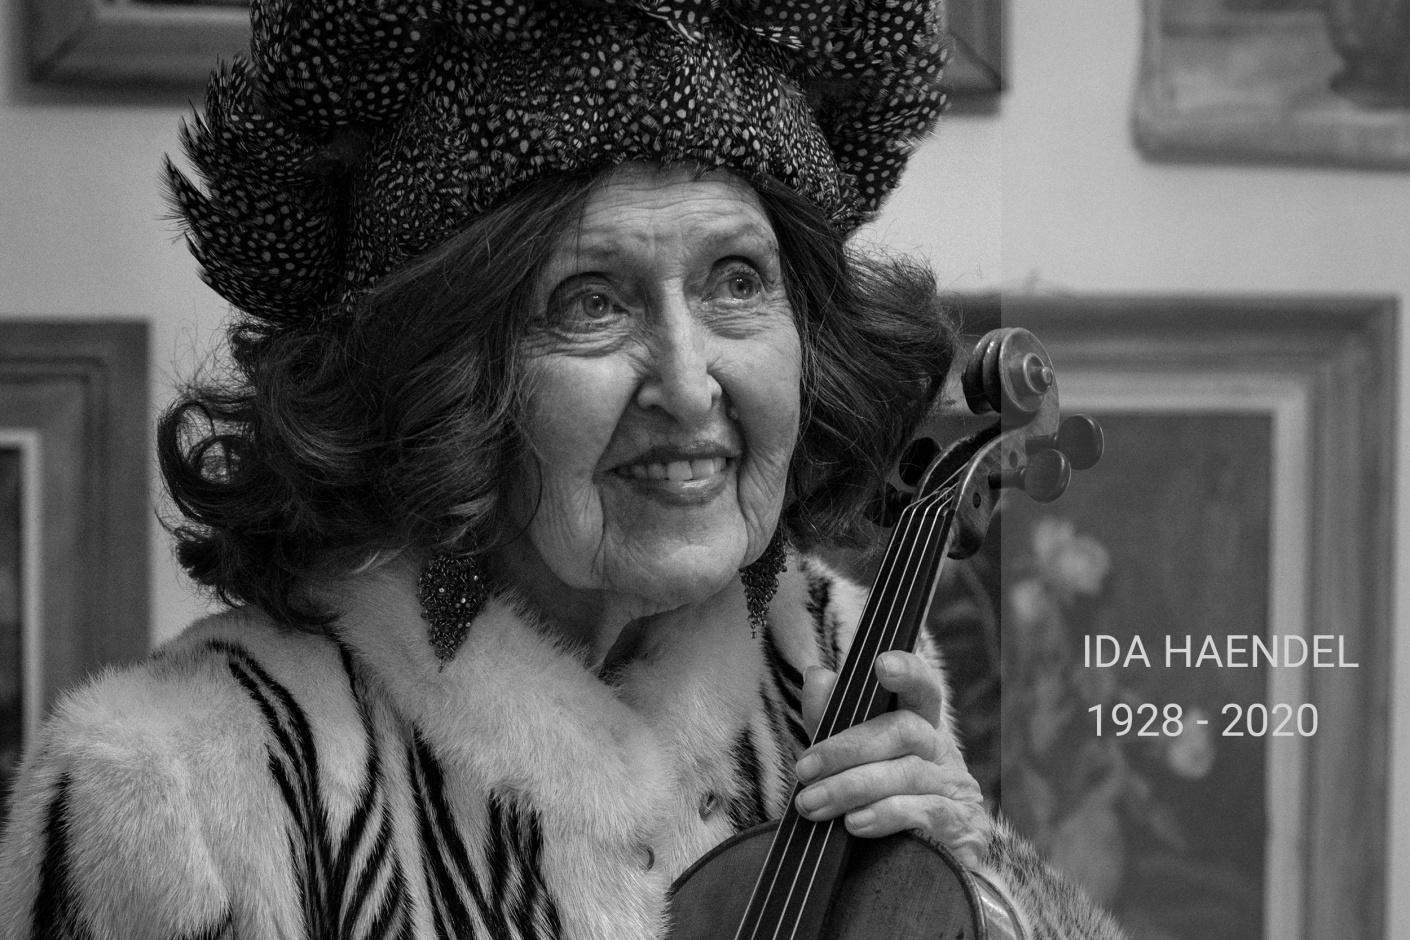 Ida Haendel   Jelle Pieter de Boer